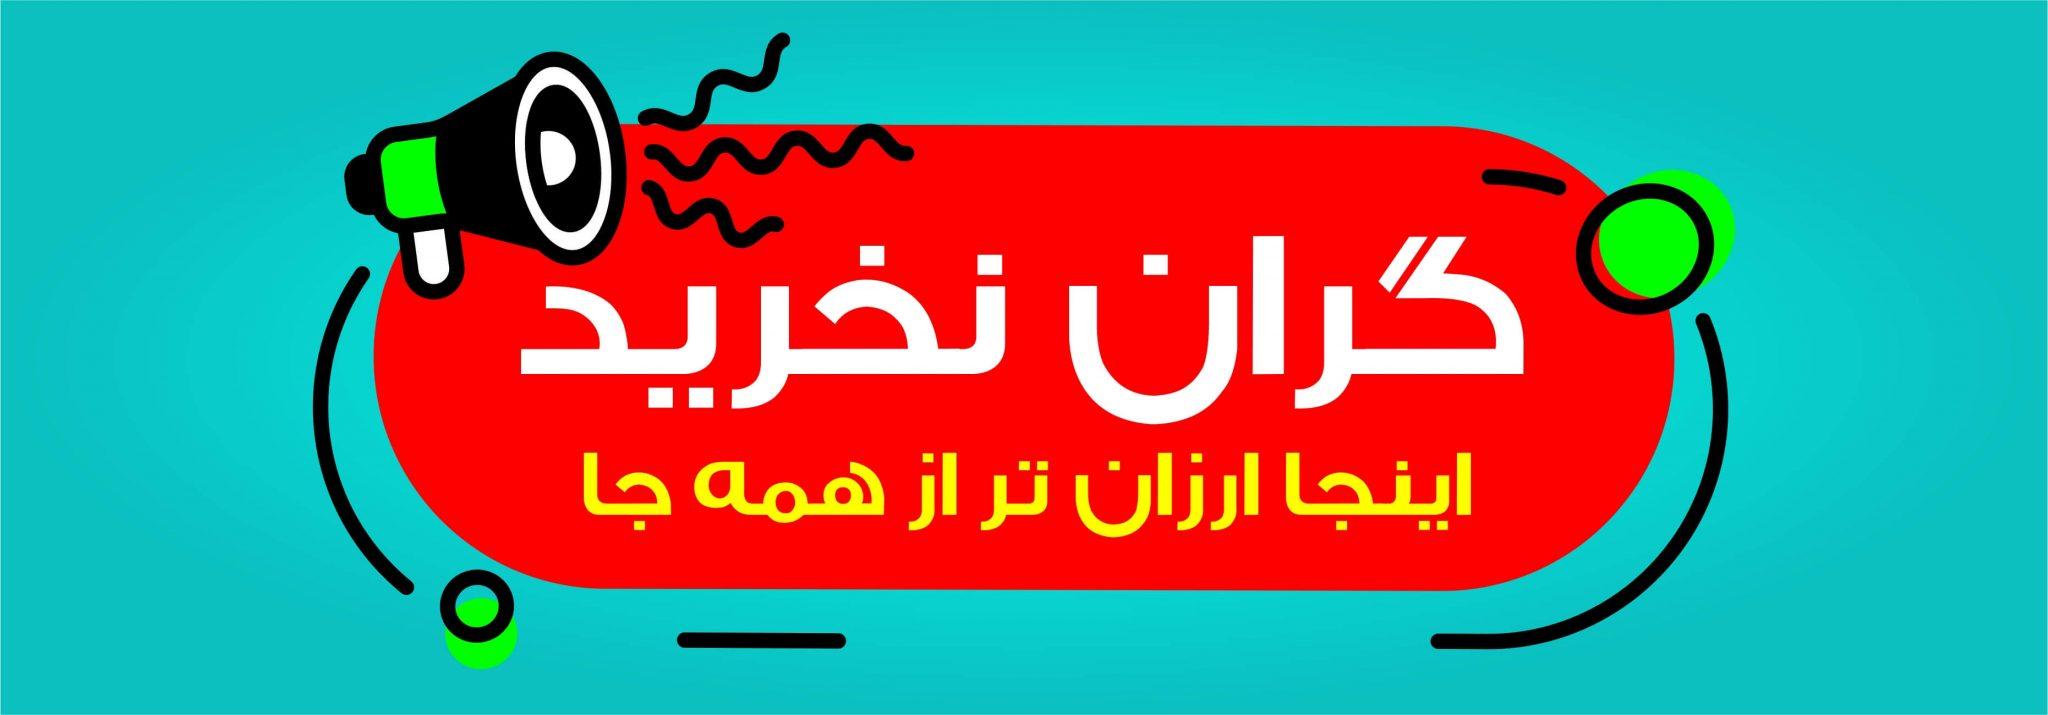 پخش رنگ - ایران رنگ - رنگ اطلس - رنگ ماندگار